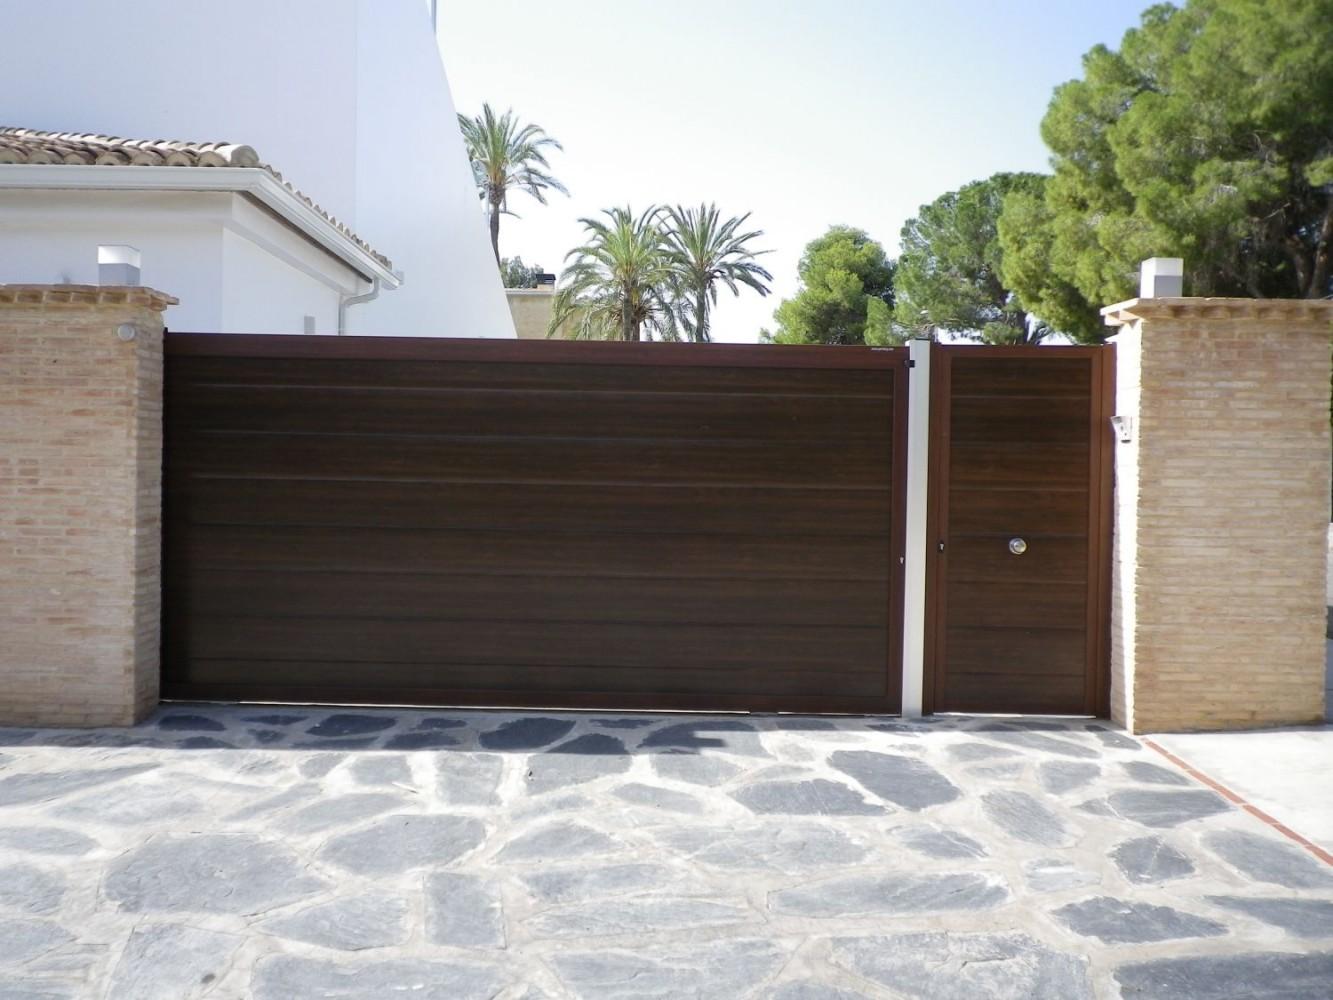 Puertas automaticas en valencia materiales de construcci n para la reparaci n - Materiales de construccion valencia ...